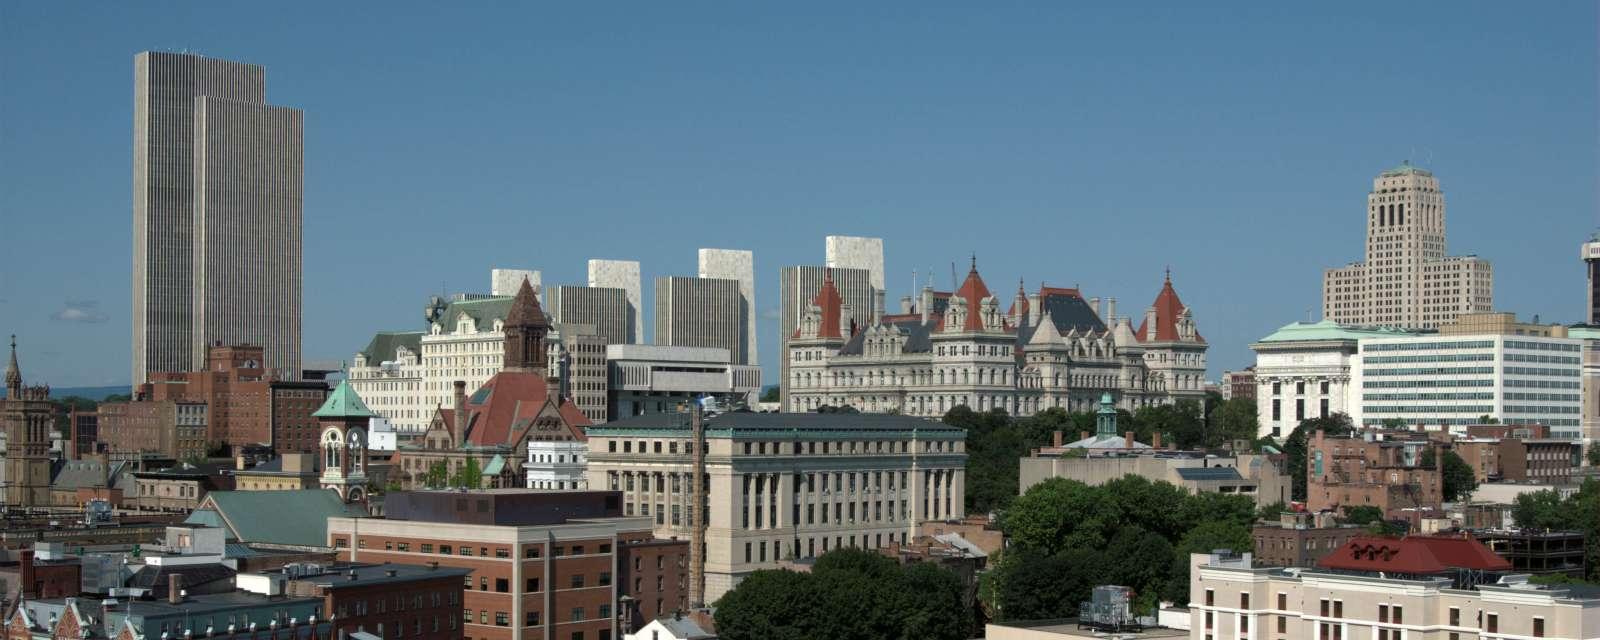 Copy of City skyline